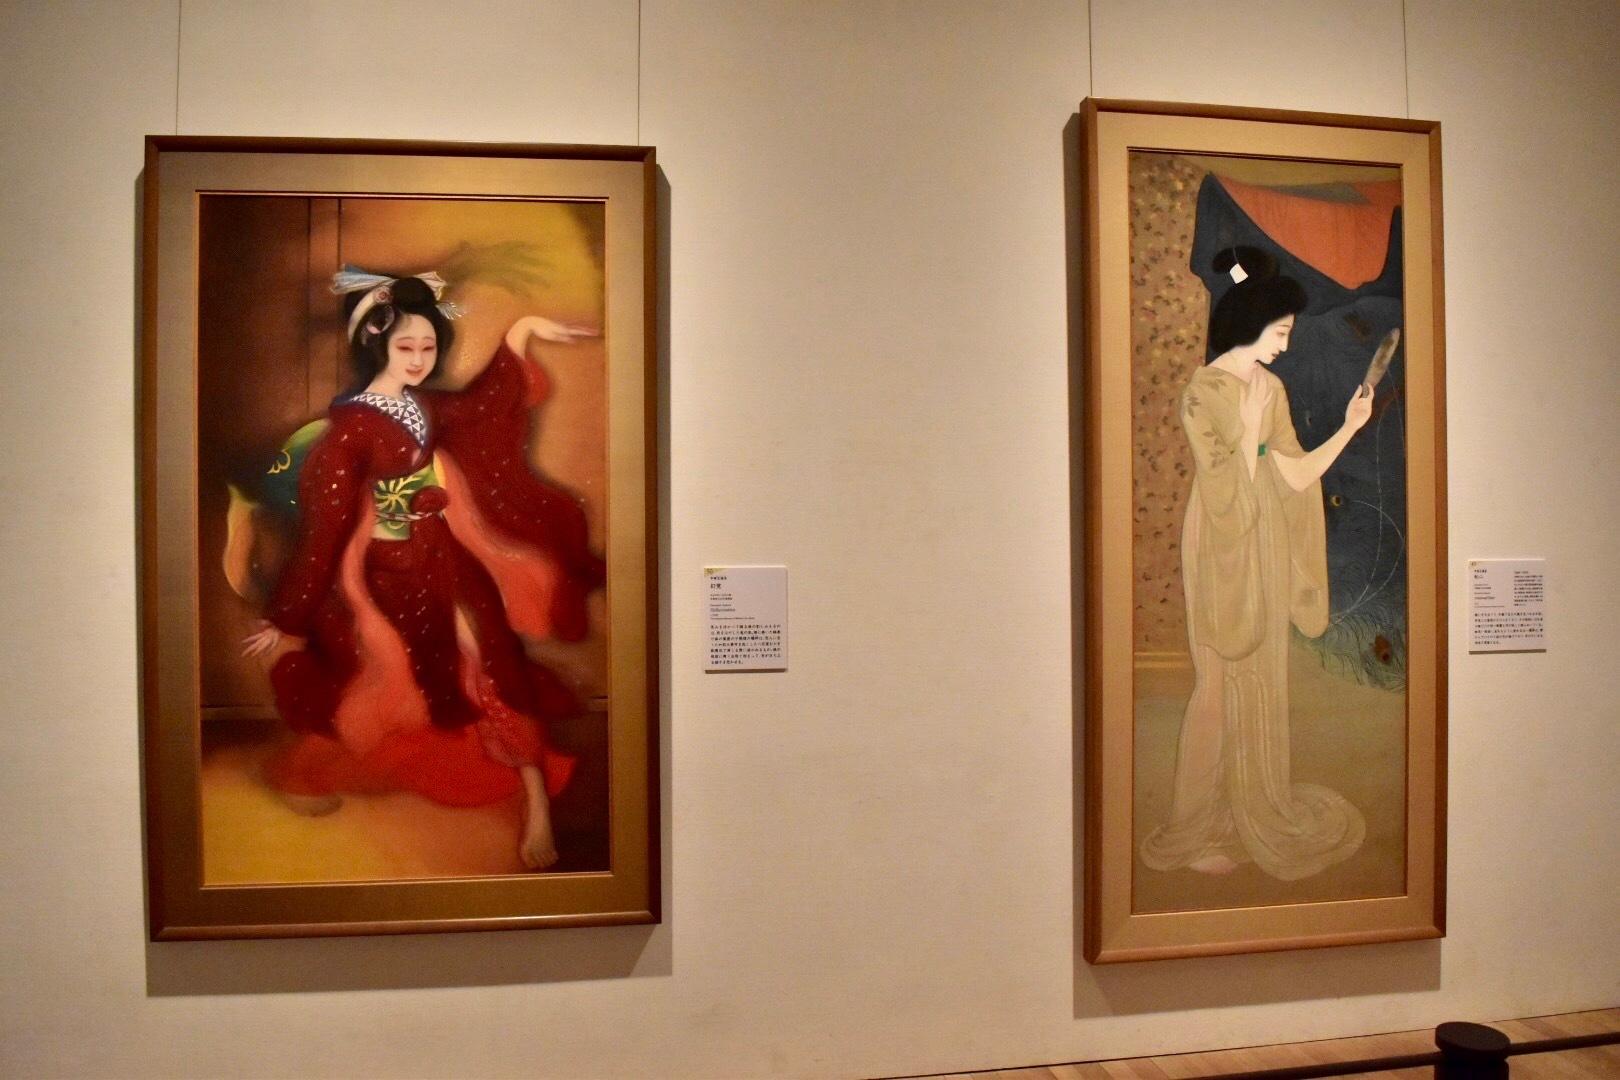 左:甲斐庄楠音 《幻覚》 大正9年 京都国立近代美術館蔵 右:甲斐庄楠音 《秋心》 大正6年 京都国立近代美術館蔵